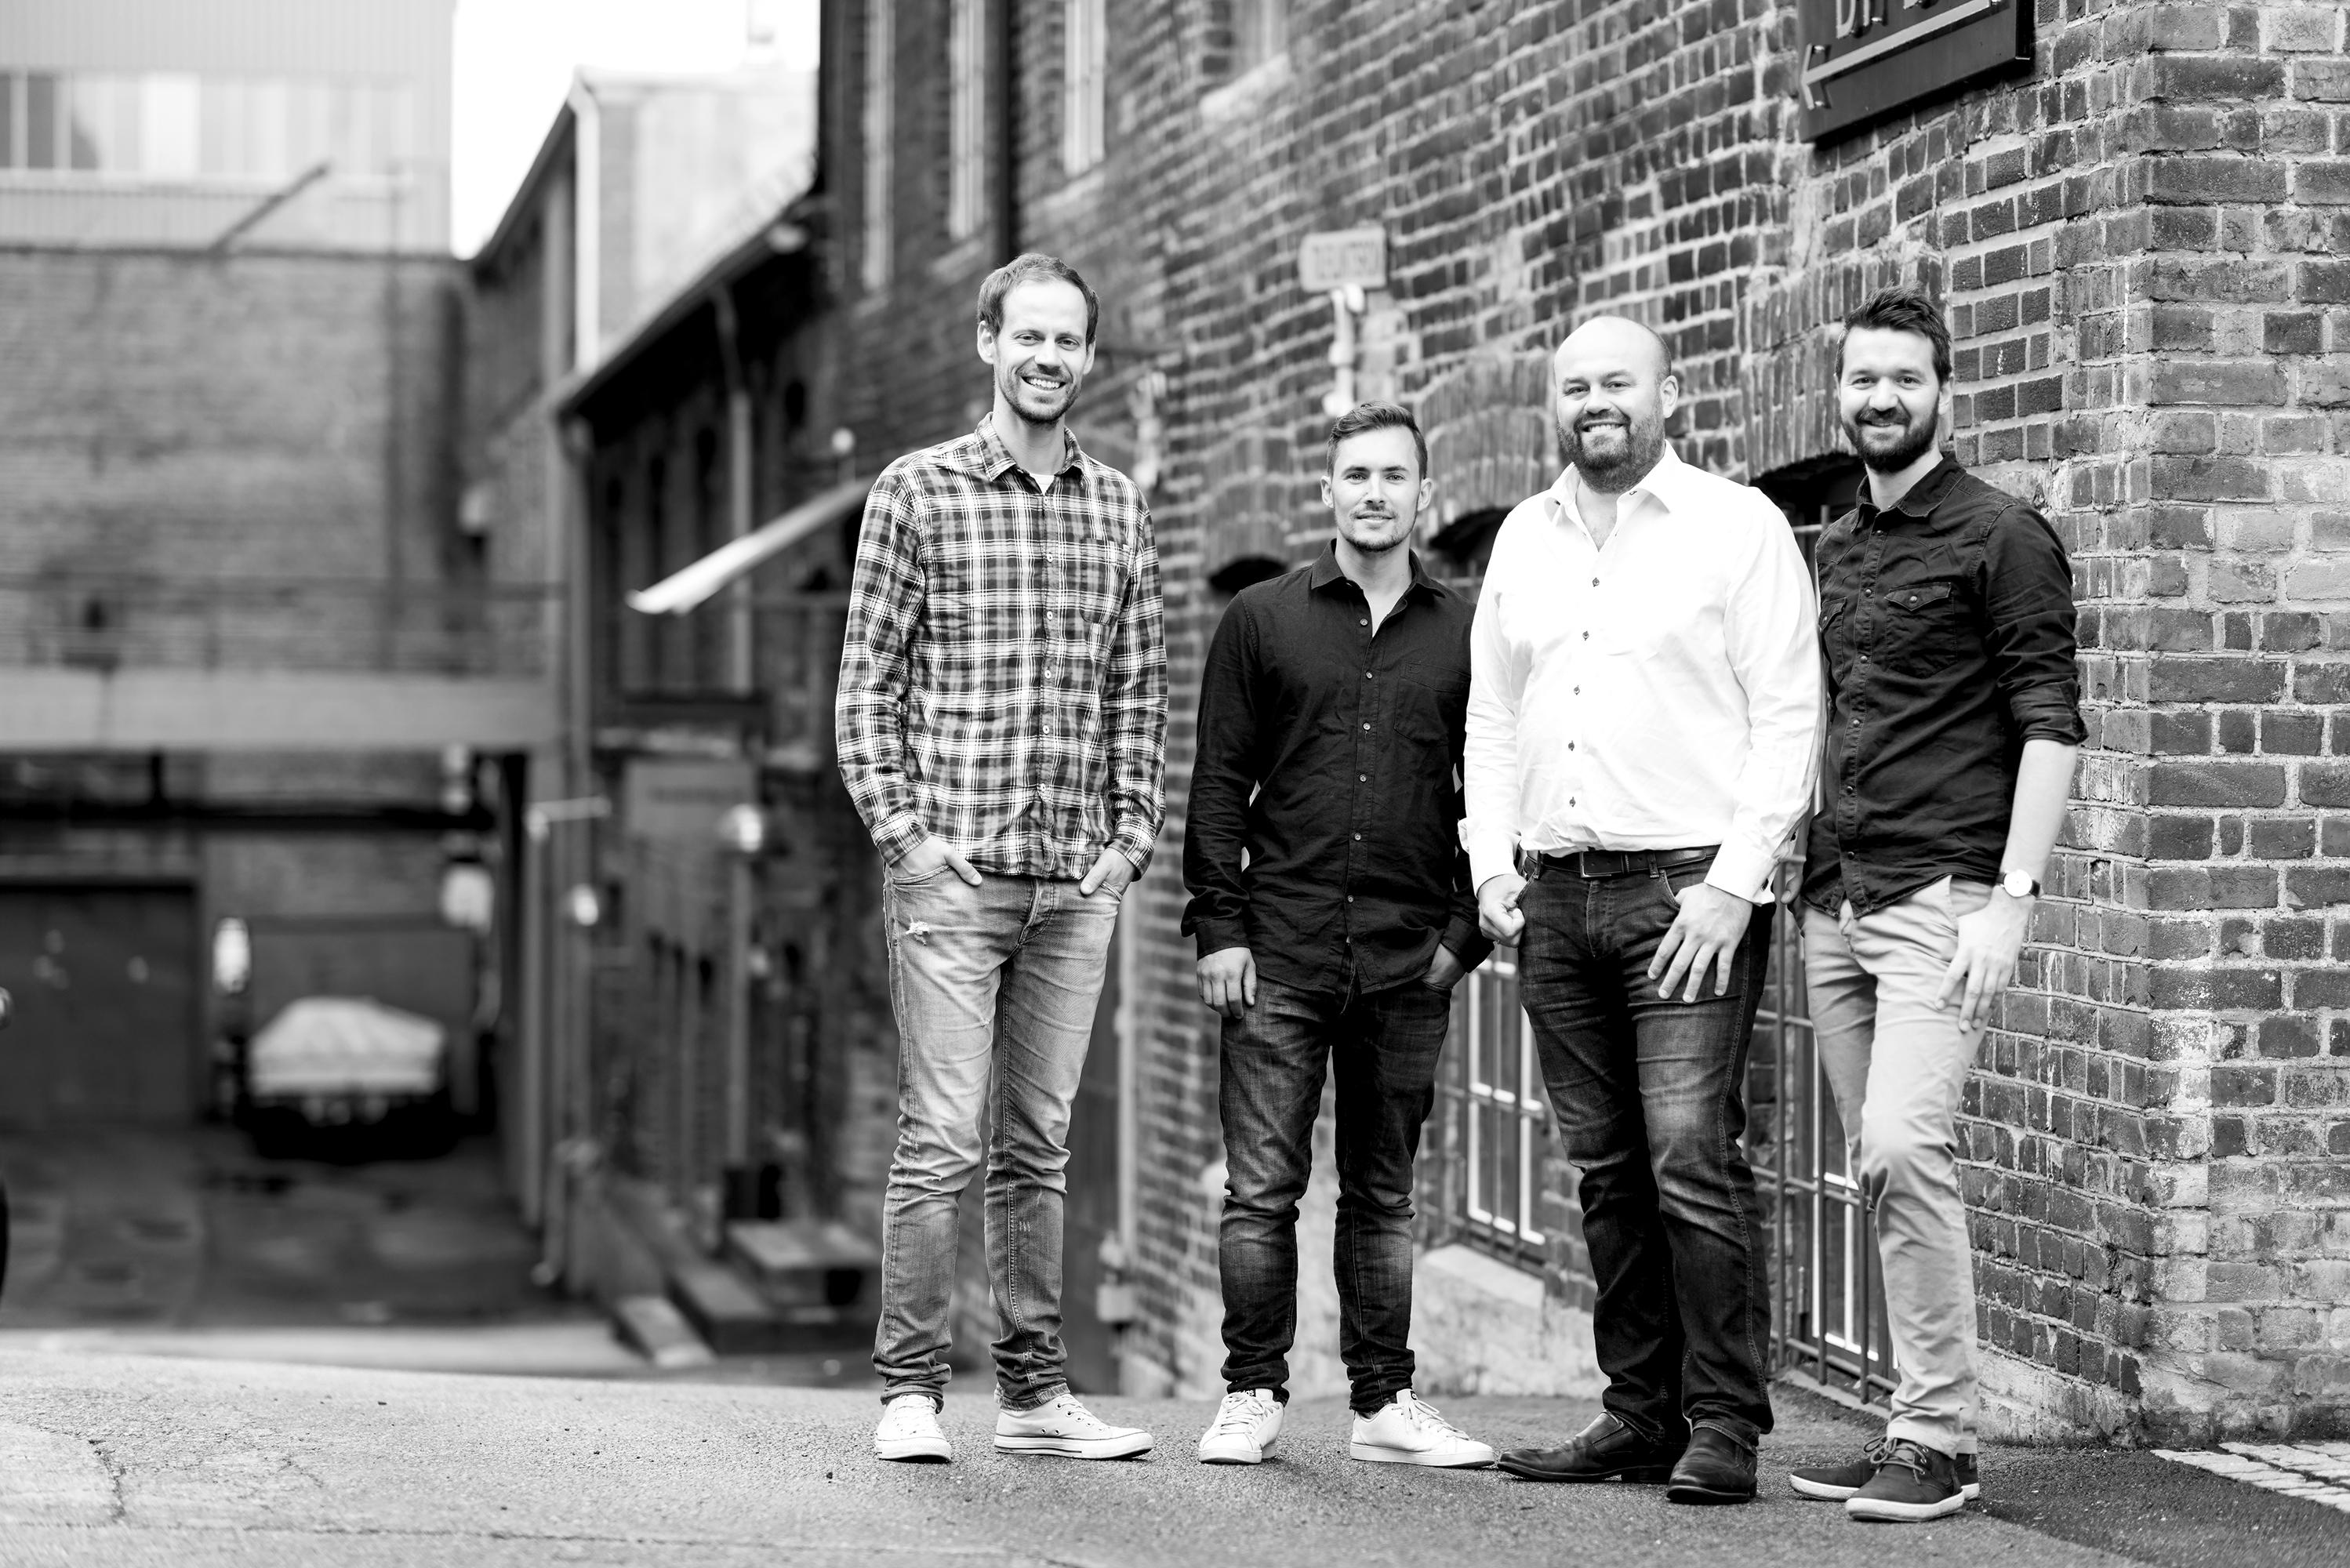 Scelto - Herman, Håken, Ole Tommy og Tor Eric. Foto: Anton Soggiu